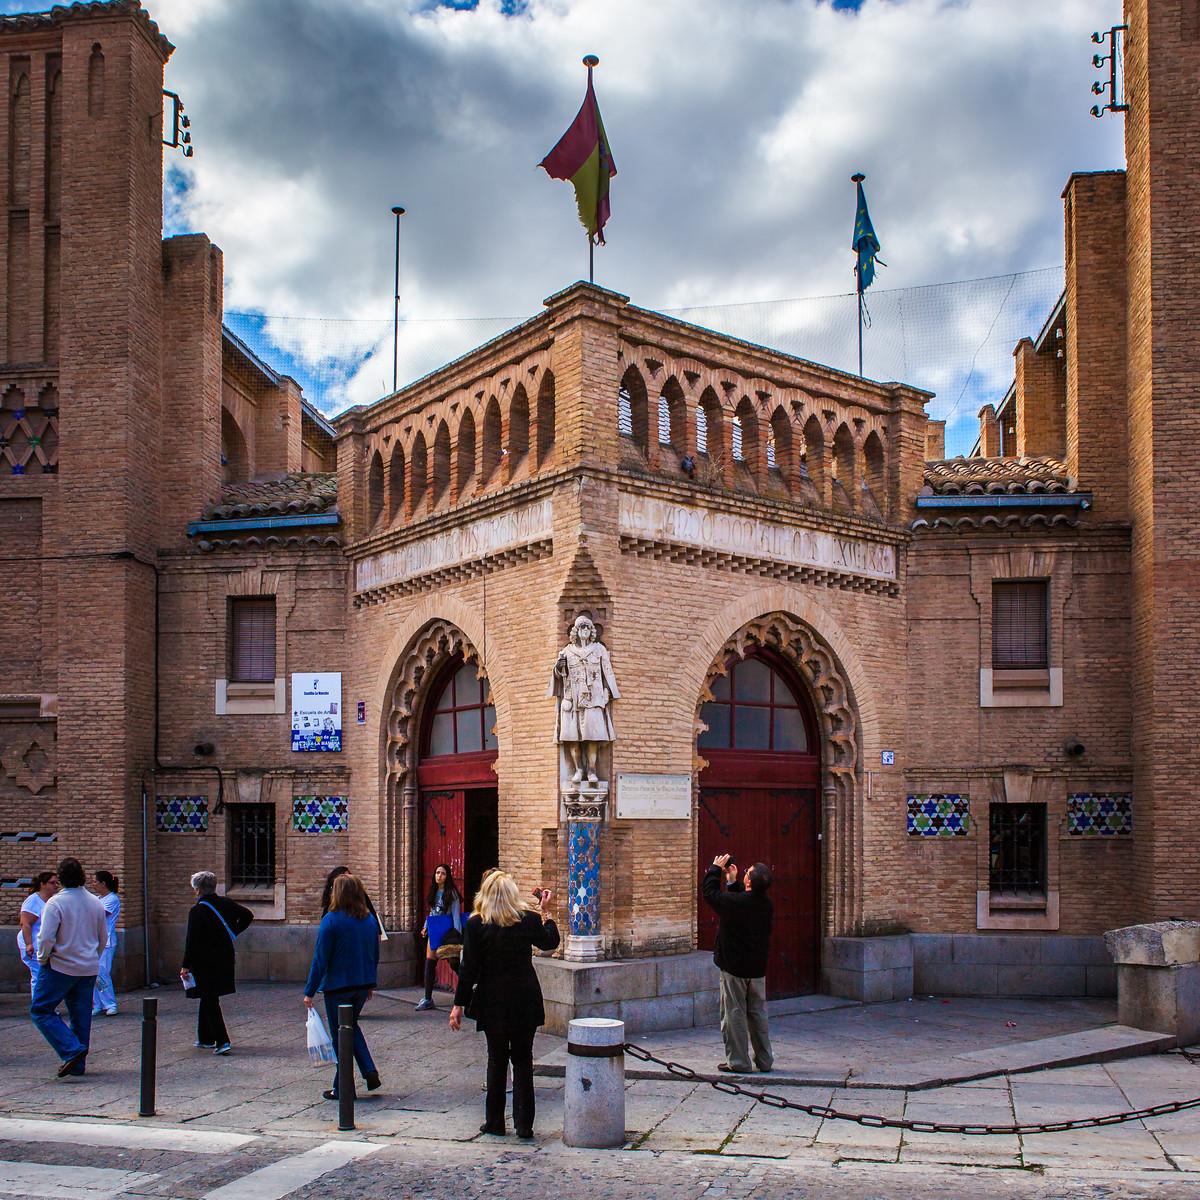 西班牙小鎮的古建築,走近看一看_圖1-1